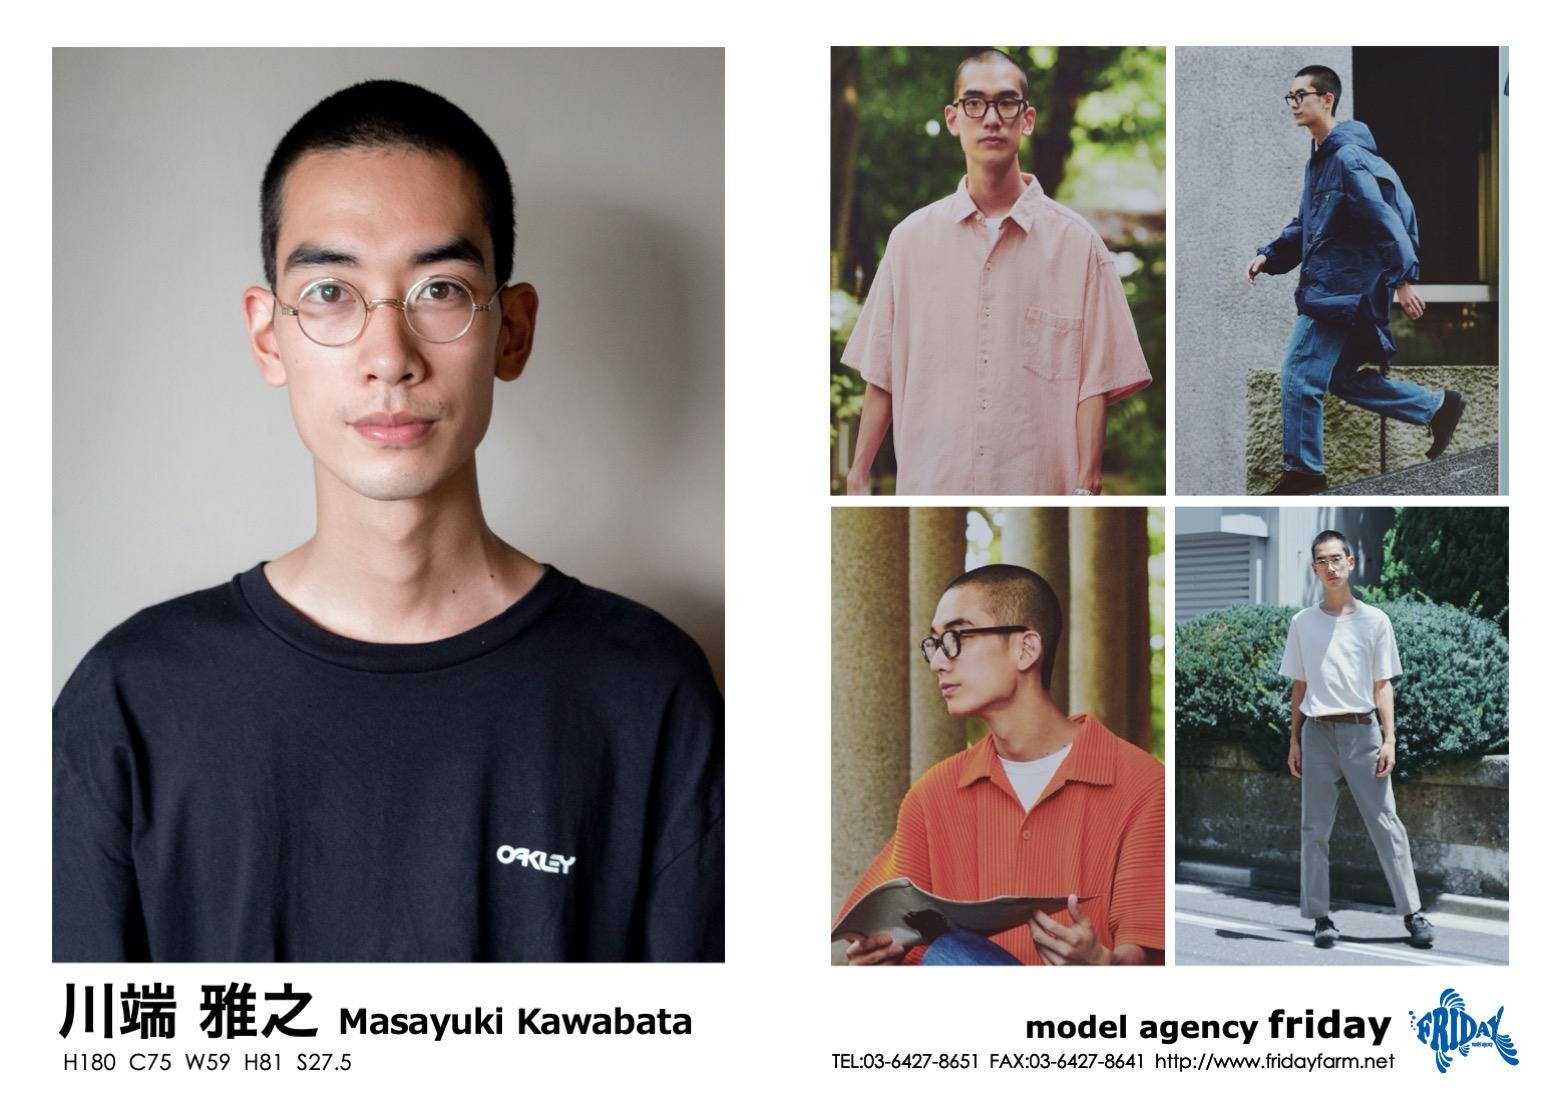 川端 雅之 - Masayuki Kawabata   model agency friday